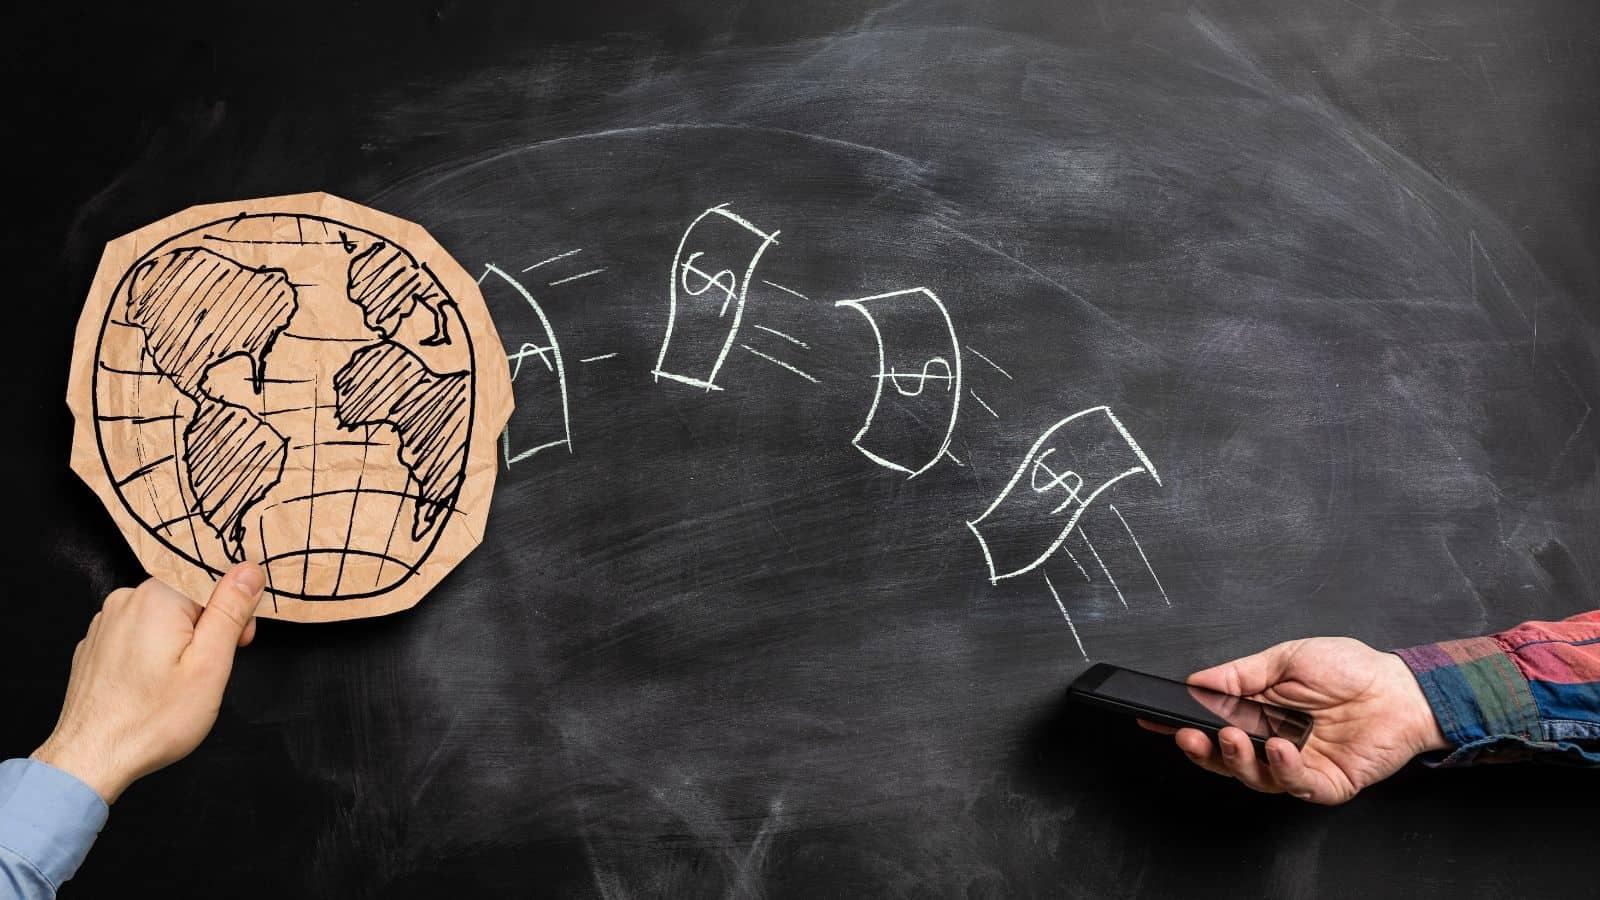 Wise海外快捷匯款:4大特色、手續費、安全性、優缺點全公開